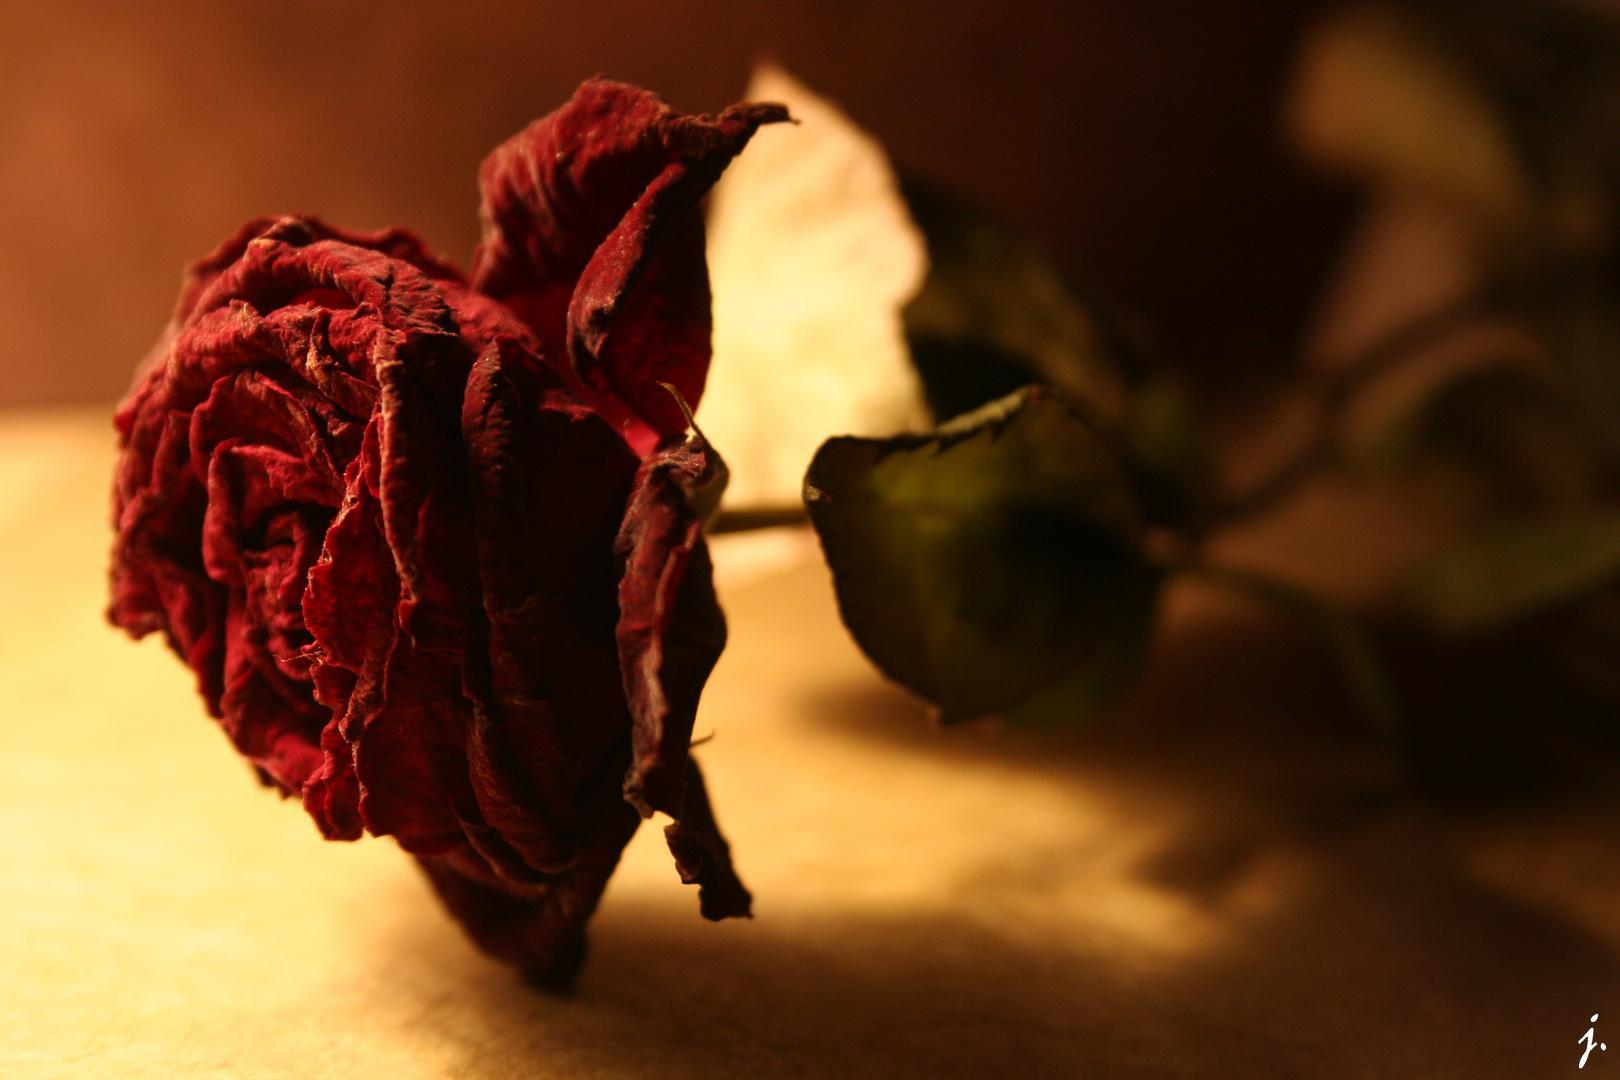 musique : Roses de Outkast